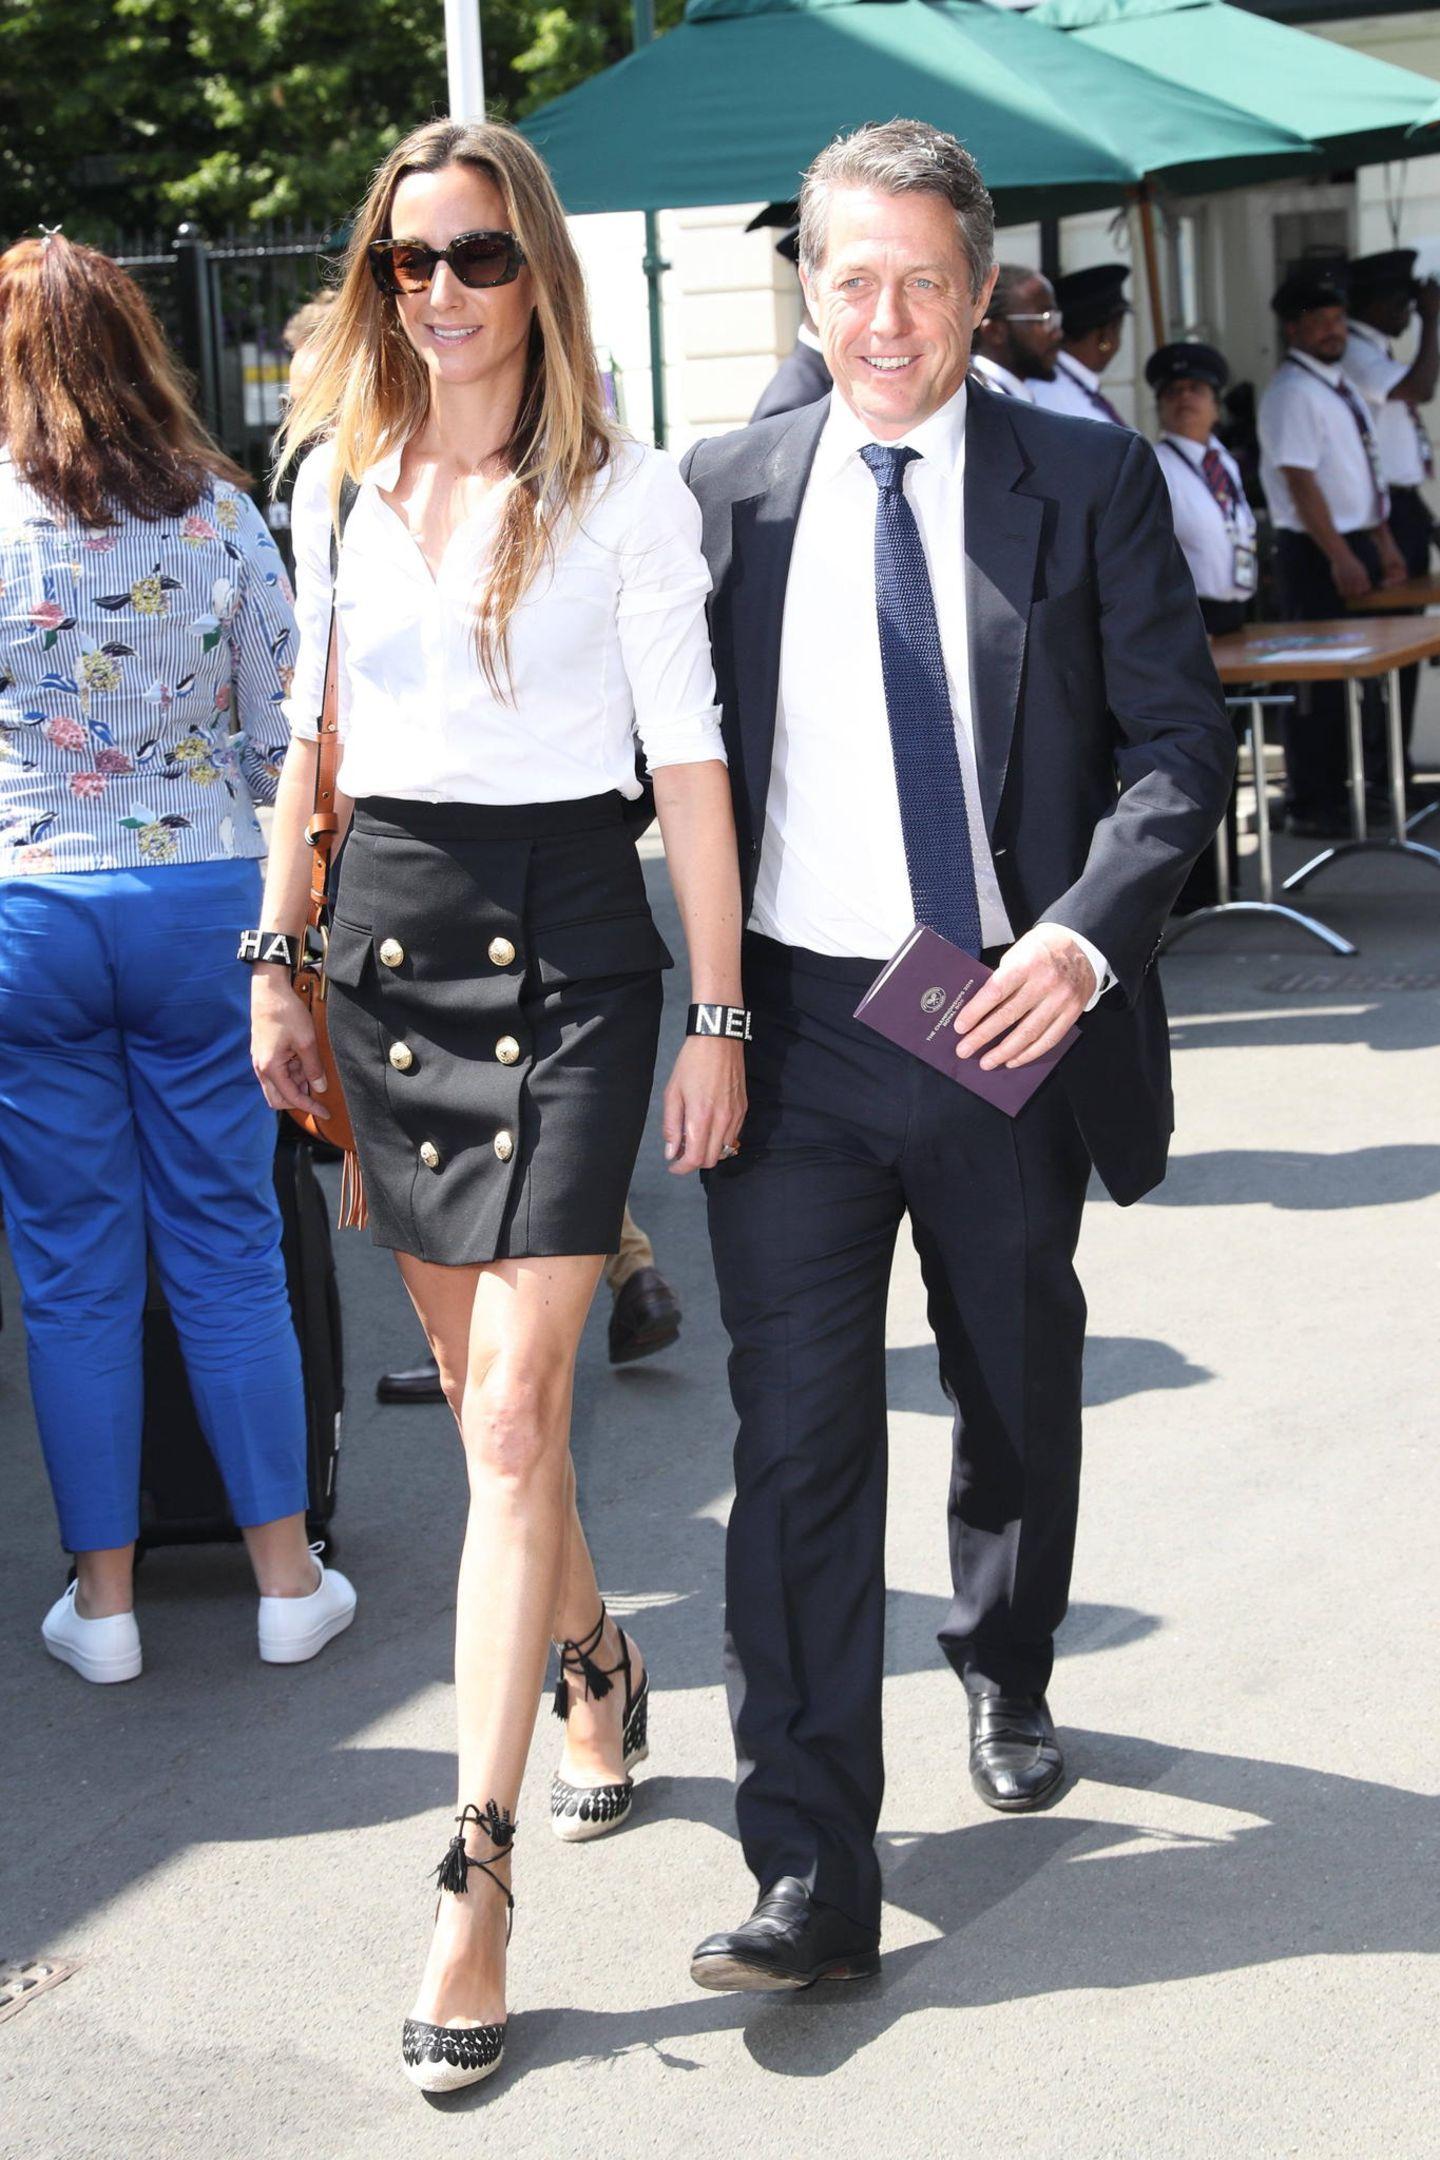 12. Juli 2019  Hugh Grant und seine Frau Anna Eberstein kehren jedes Jahr in die Royal Box ein. Seit 2014 genießt das Paar die Atmosphäre in Wimbledon.